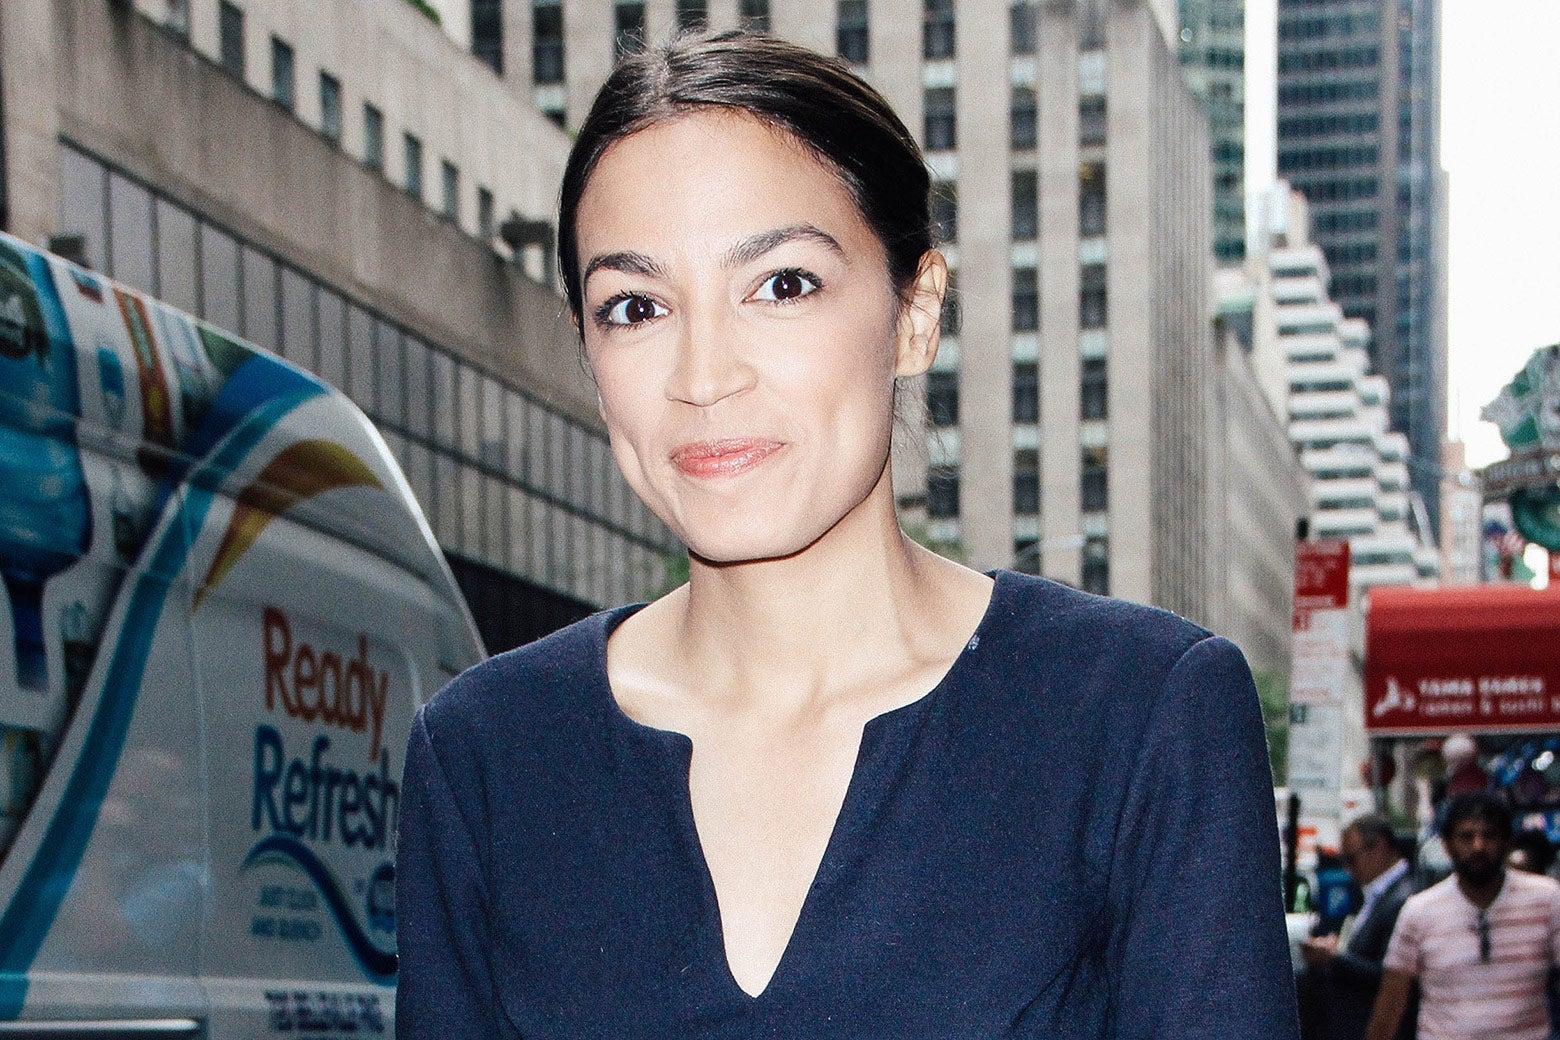 Alexandria Ocasio-Cortez on a NYC street.